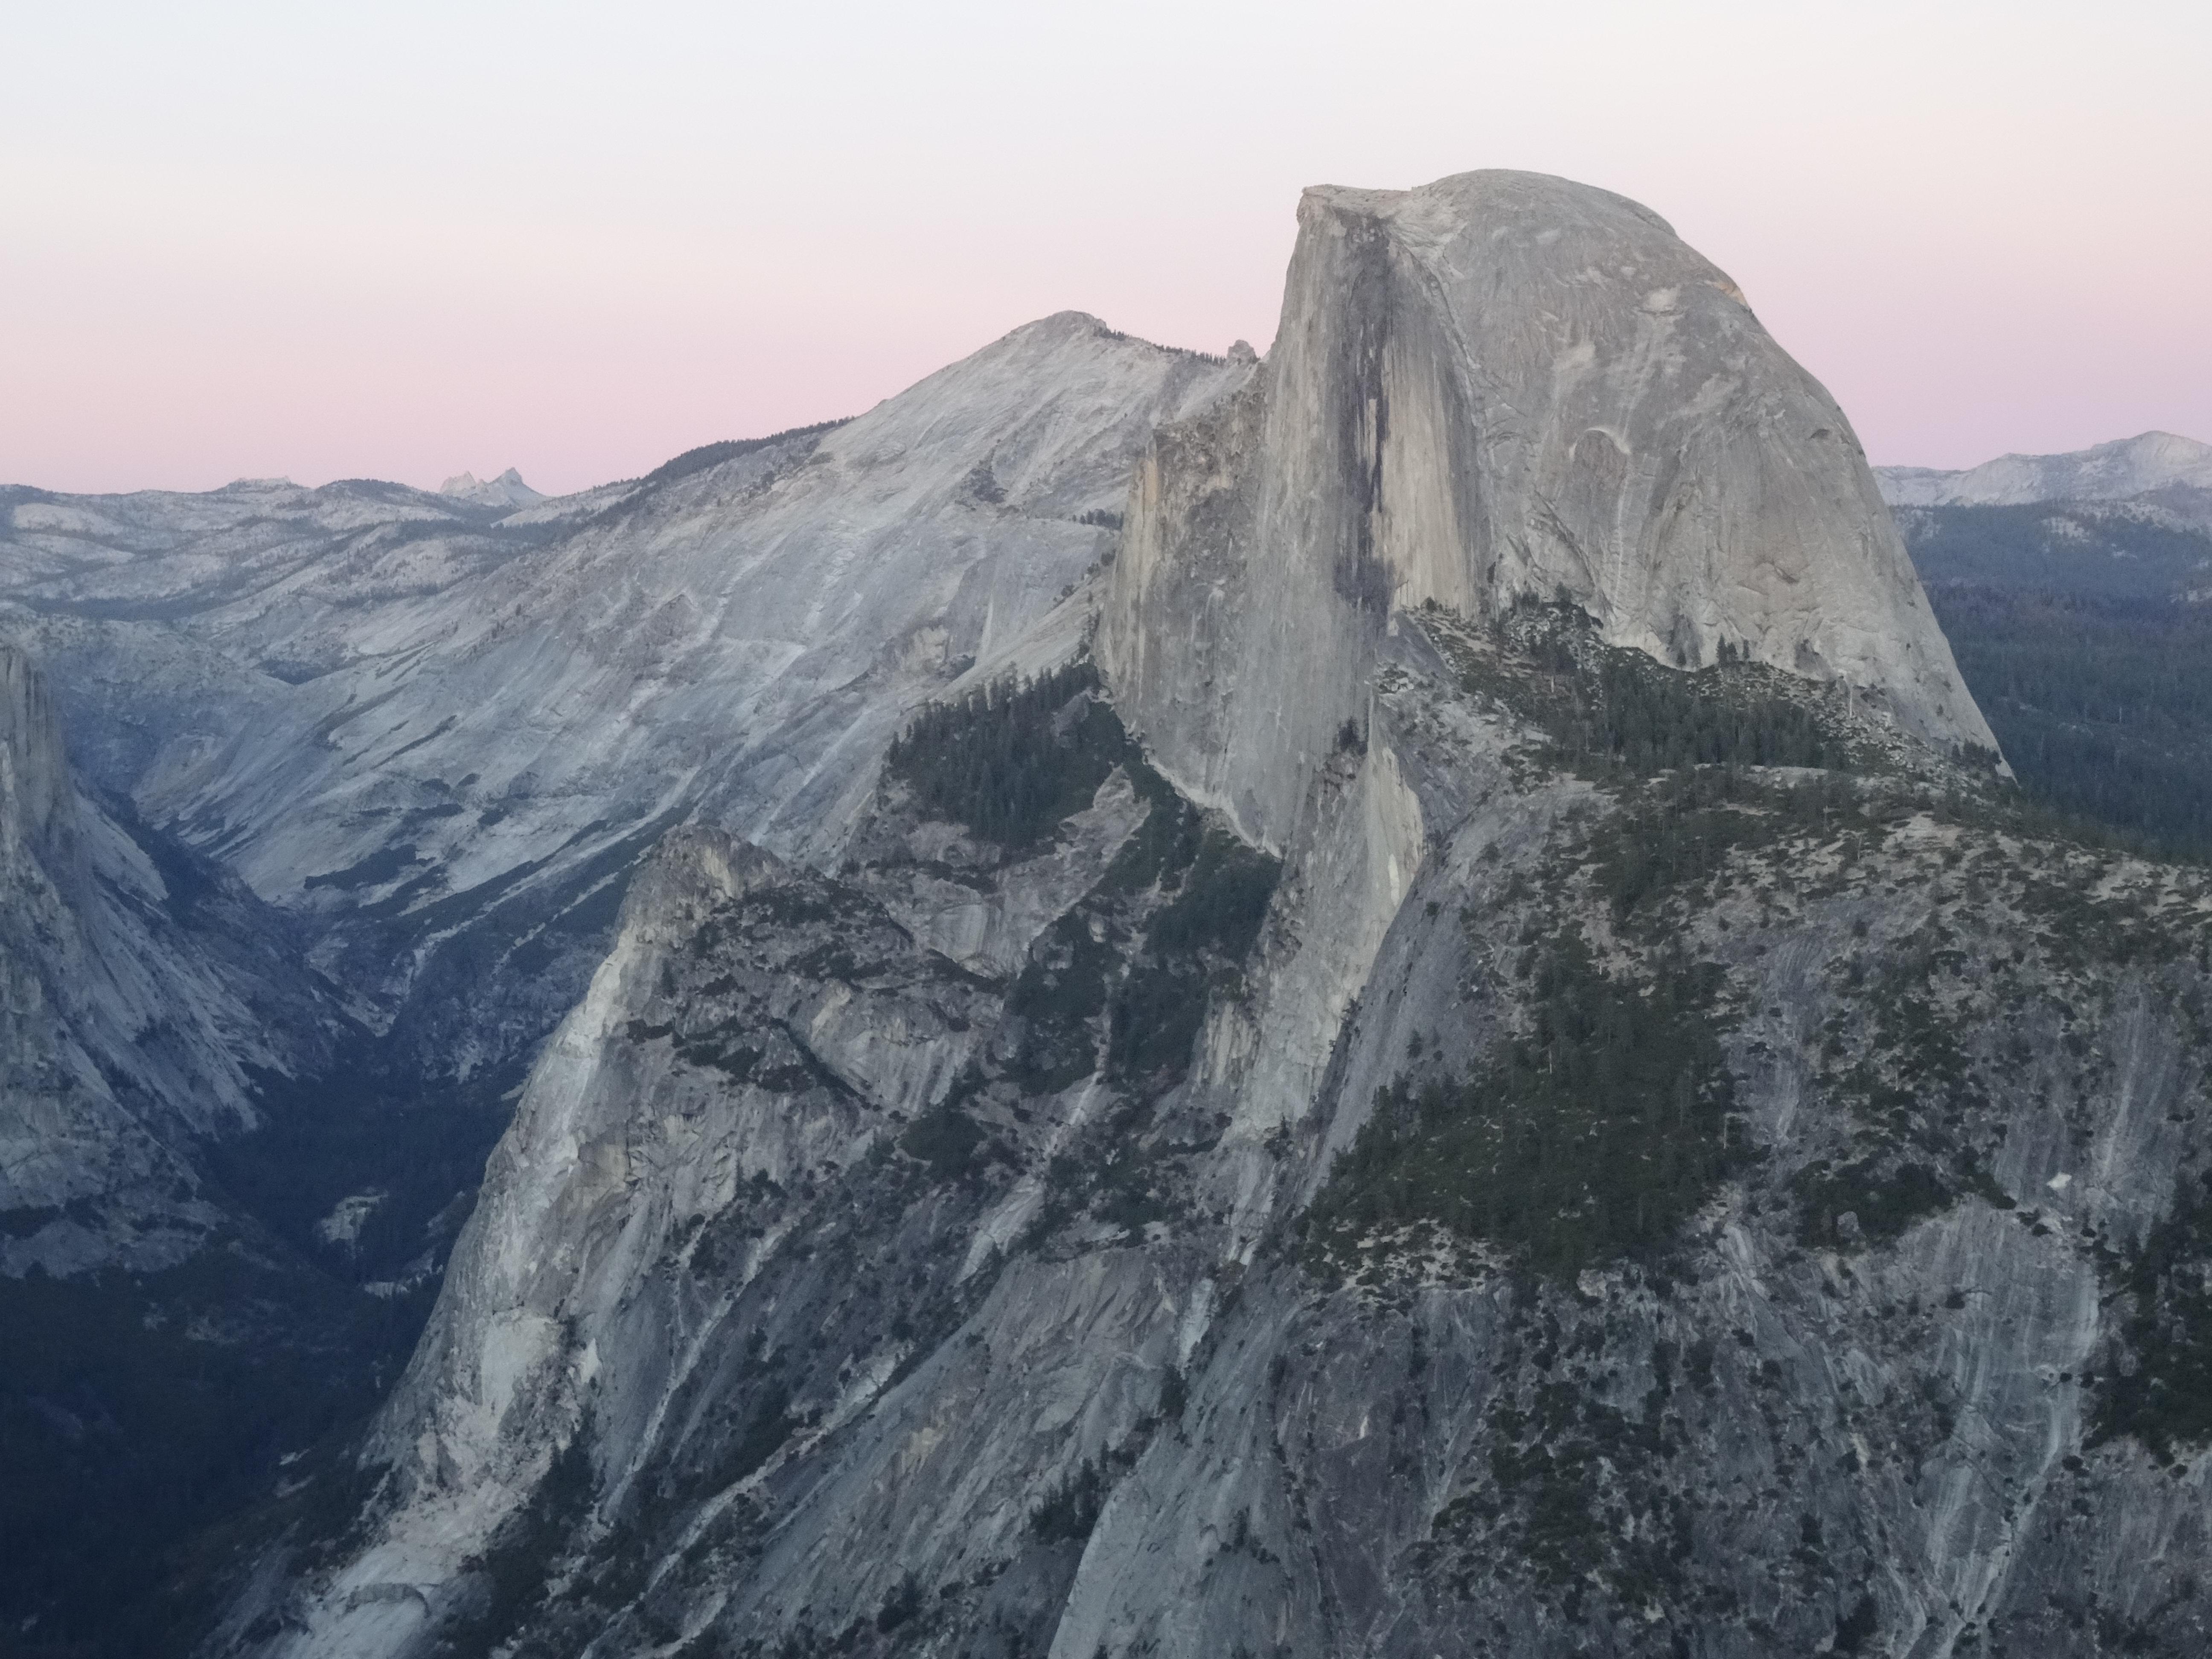 14 Half Dome from Glacier Point, Yosemite